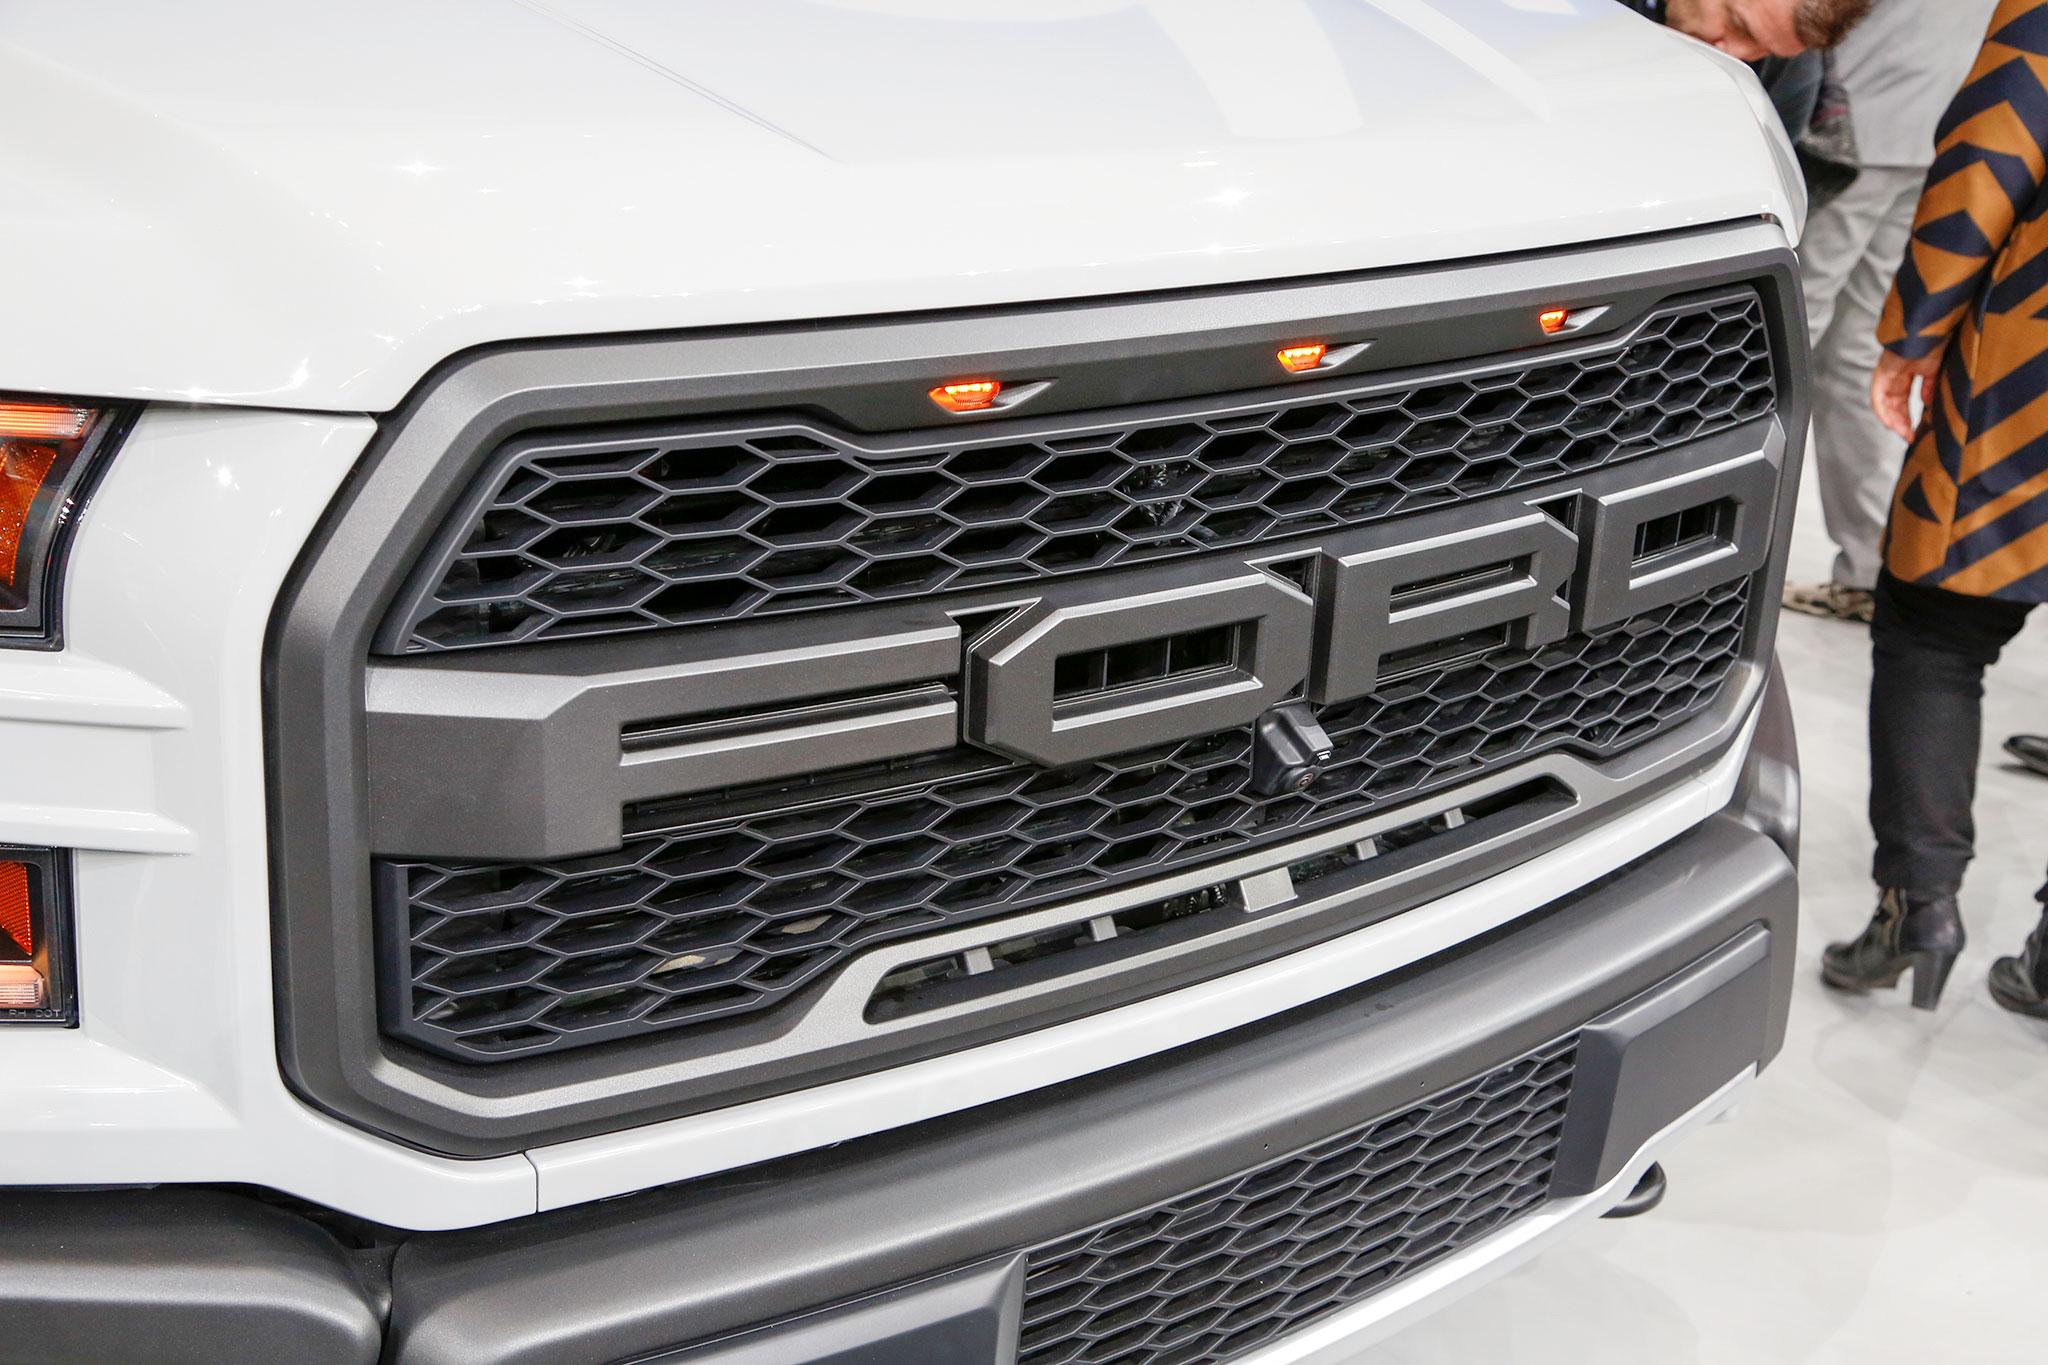 Ford Raptor 2017 Interior >> Filtran precio de Ford Raptor 2017; costaría $49,520 dólares